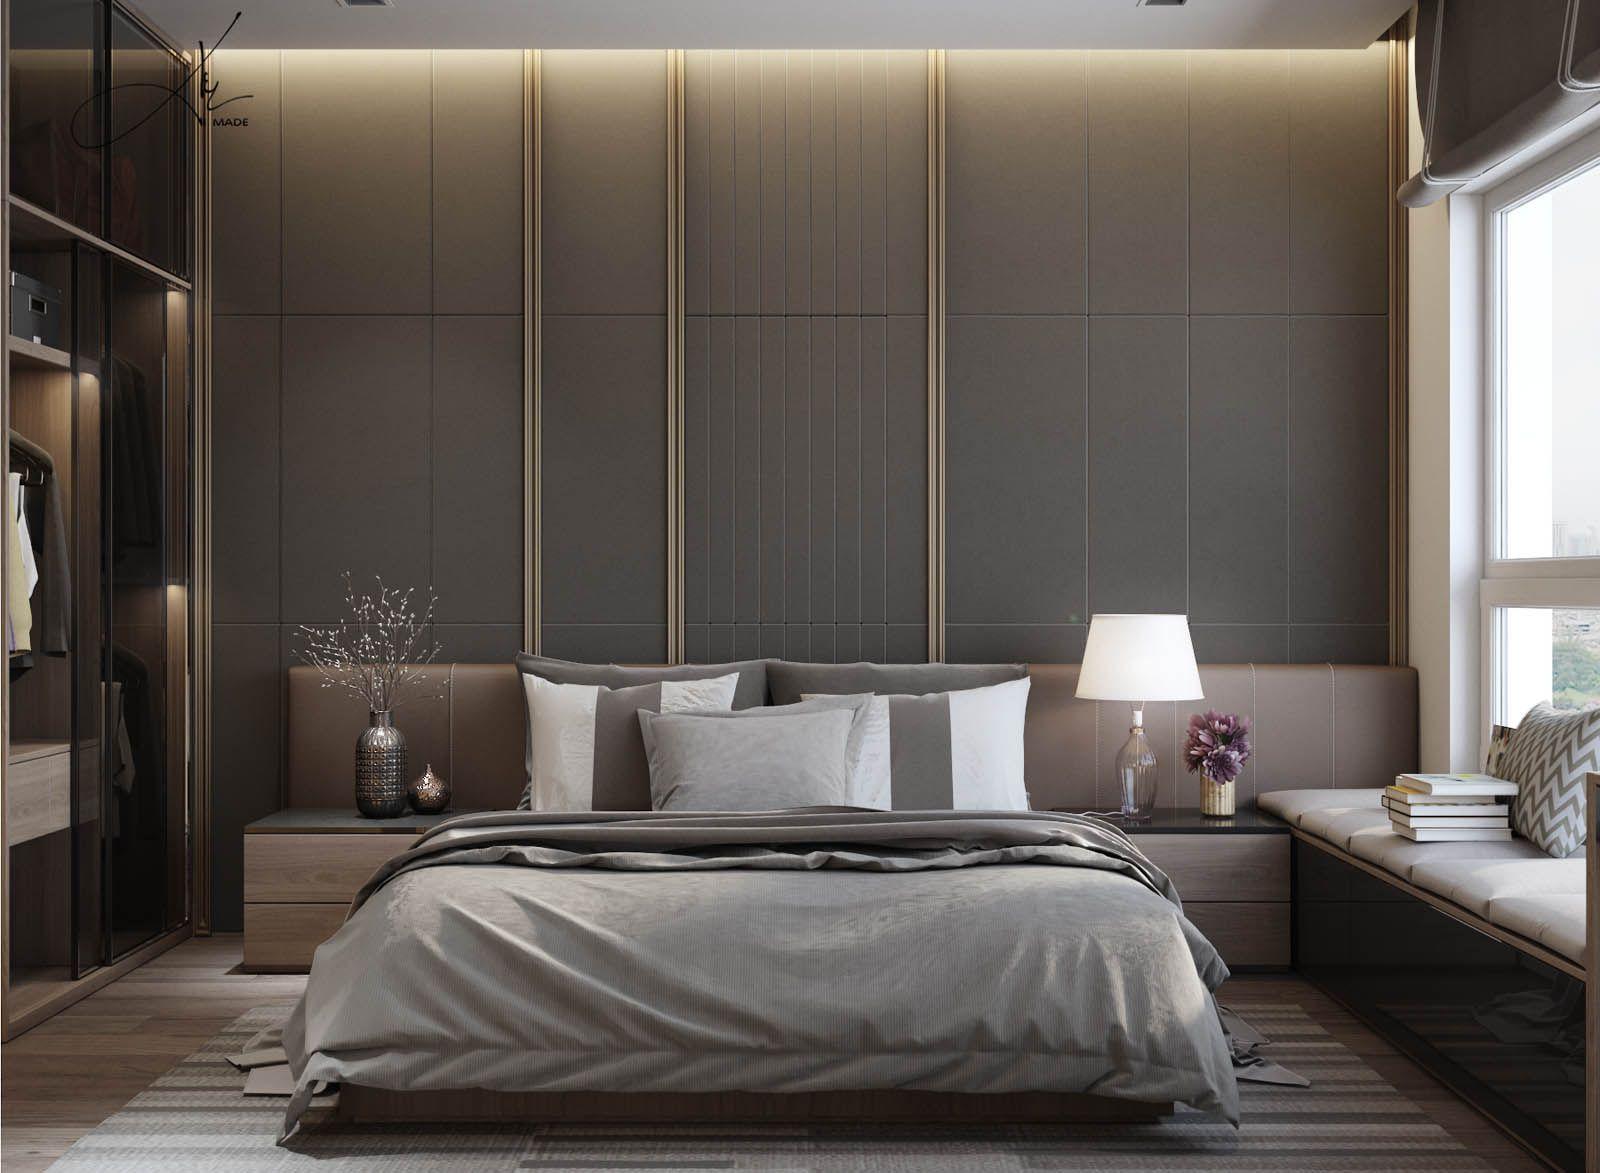 Vrayworld house in masteri bedroom modern